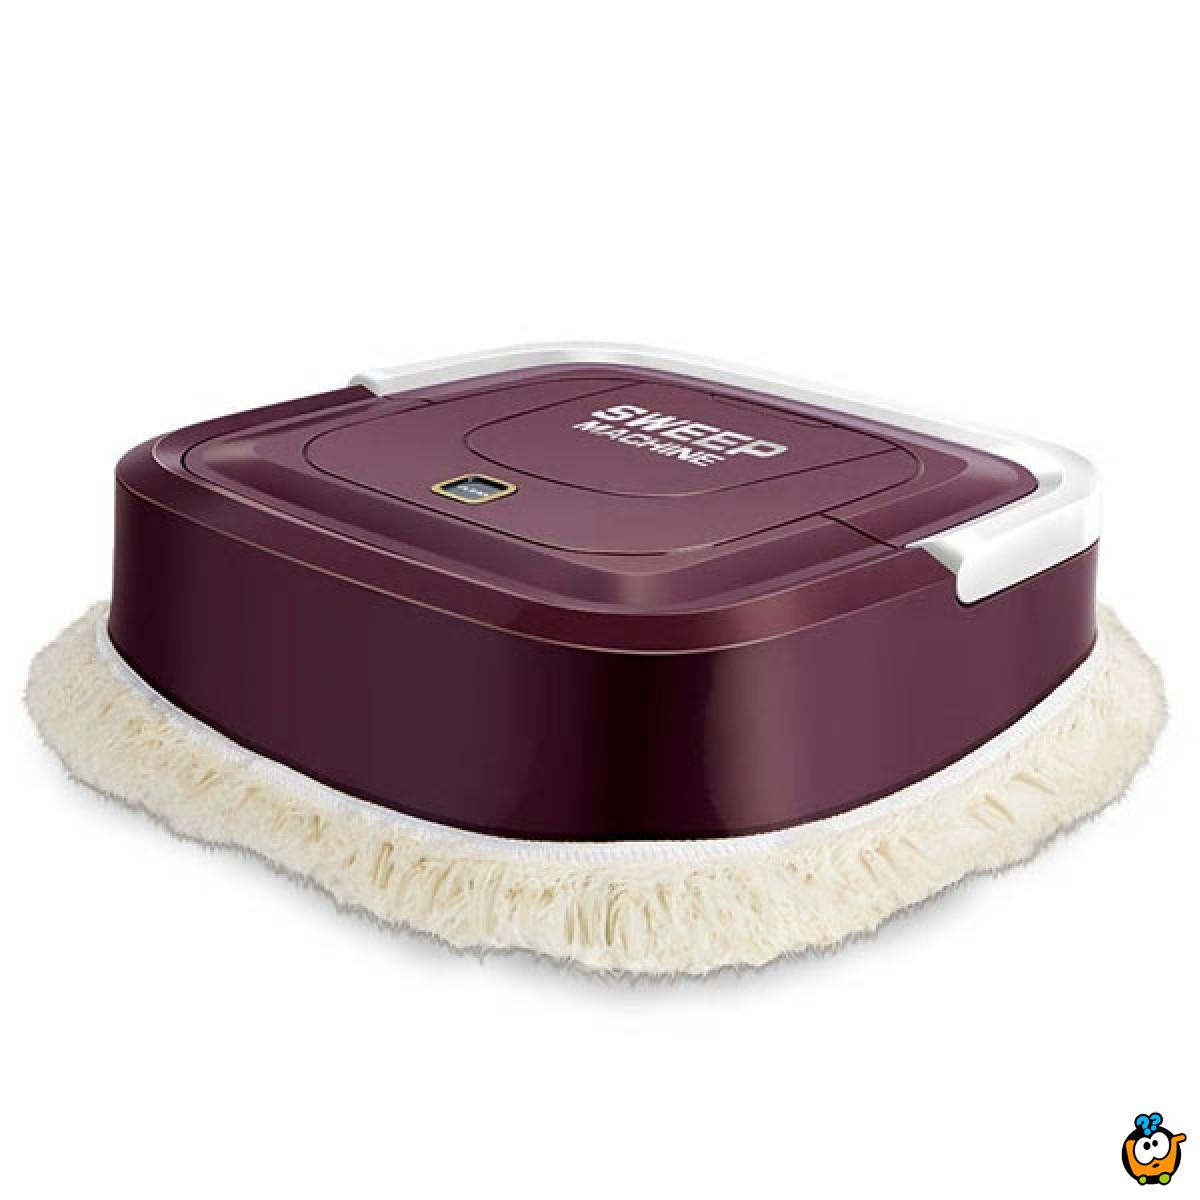 USB robo brush mashine - Automatski čistač podova